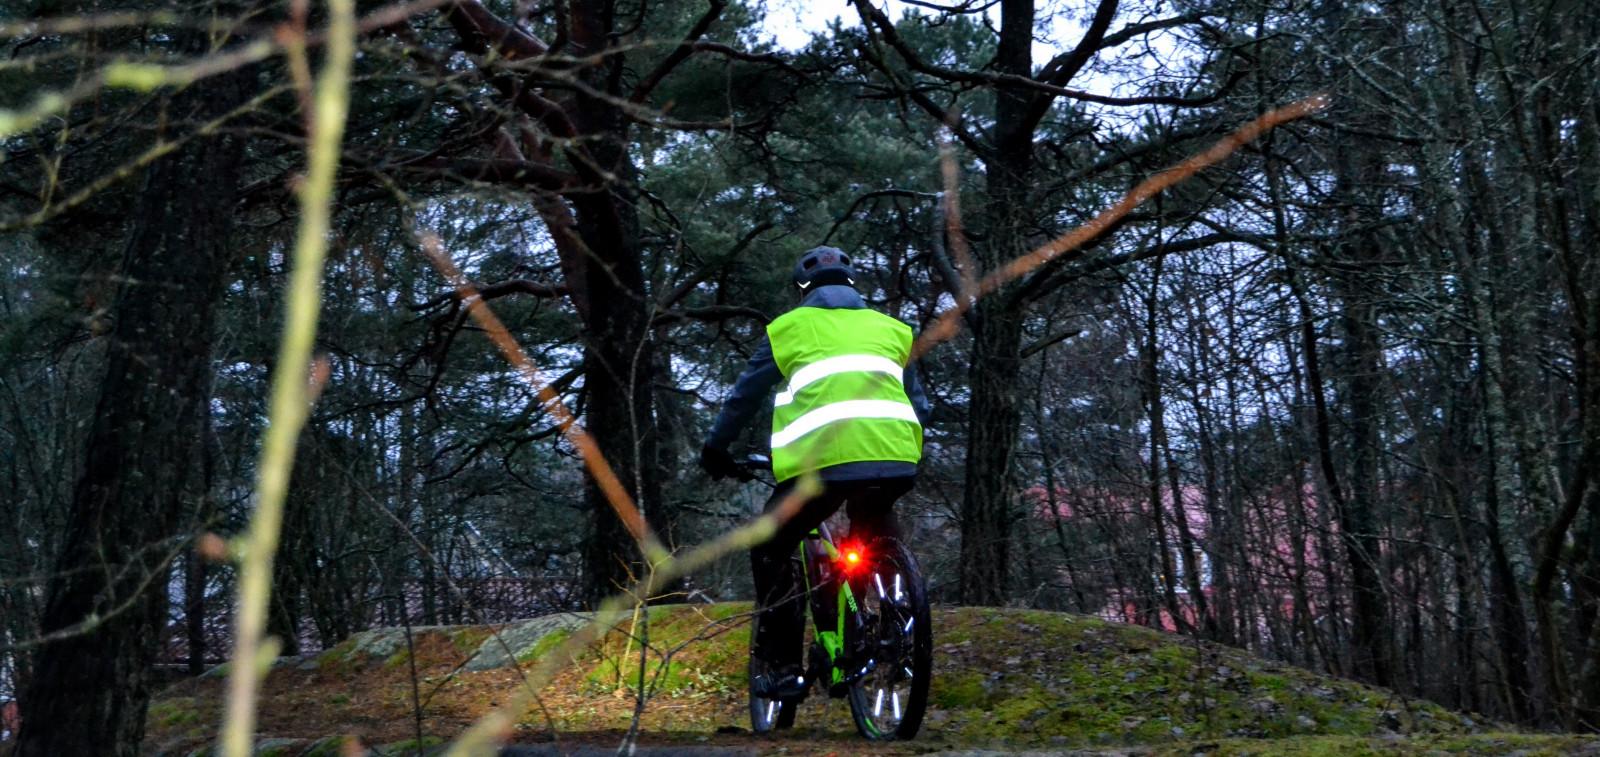 Maastöpyöräilijä luonnossa